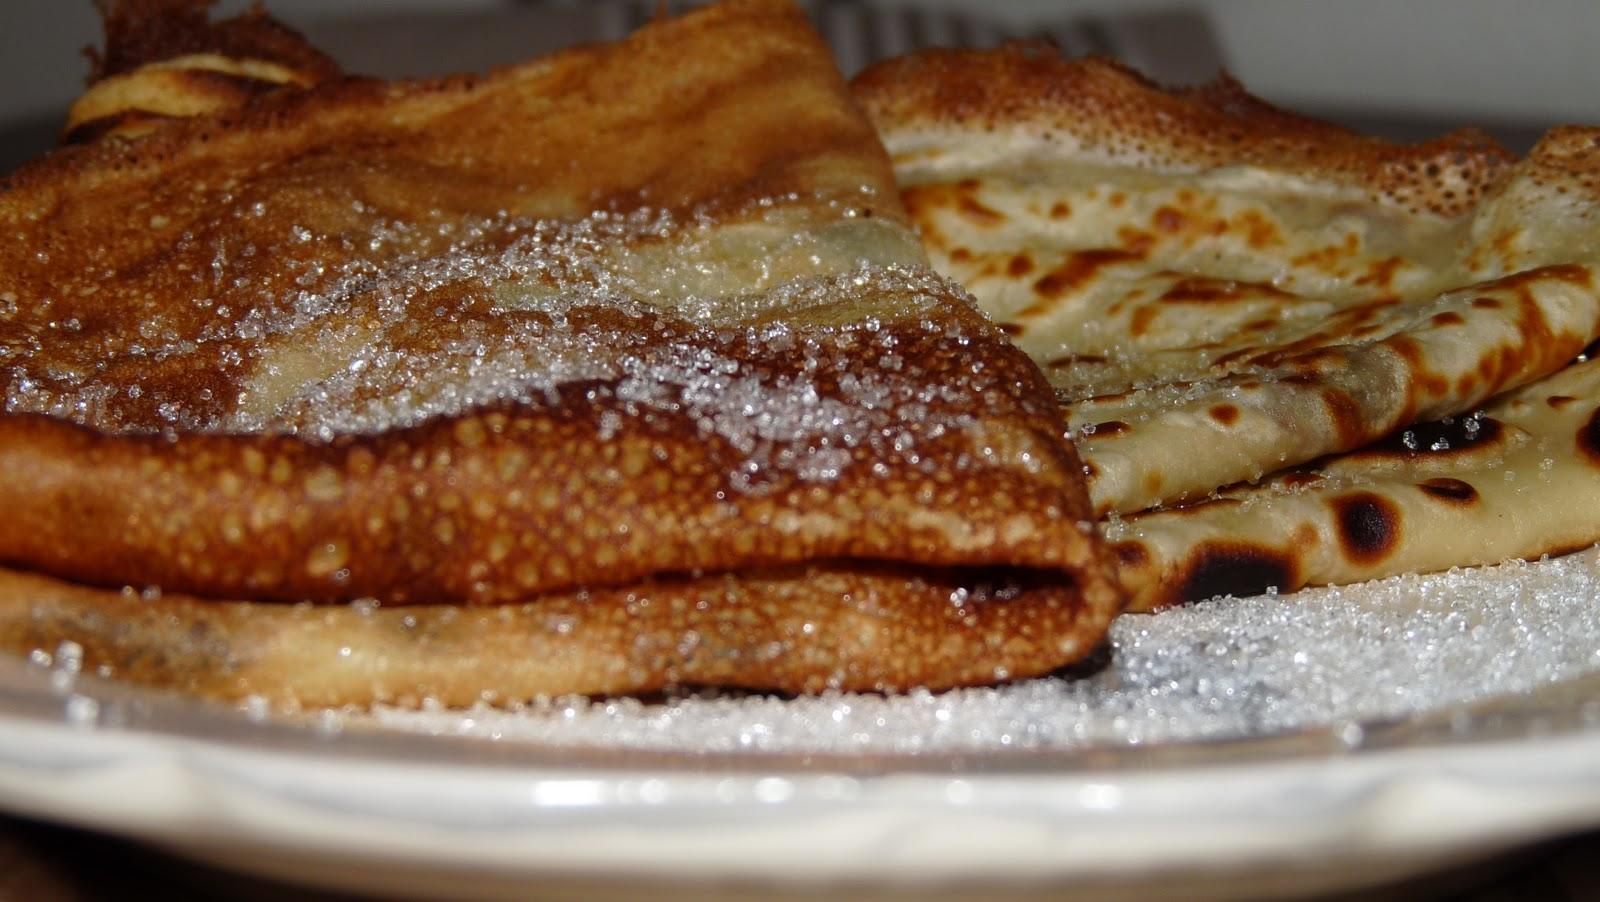 Recette pâte à crêpe : je vous donne la recette de ma tante bretonne